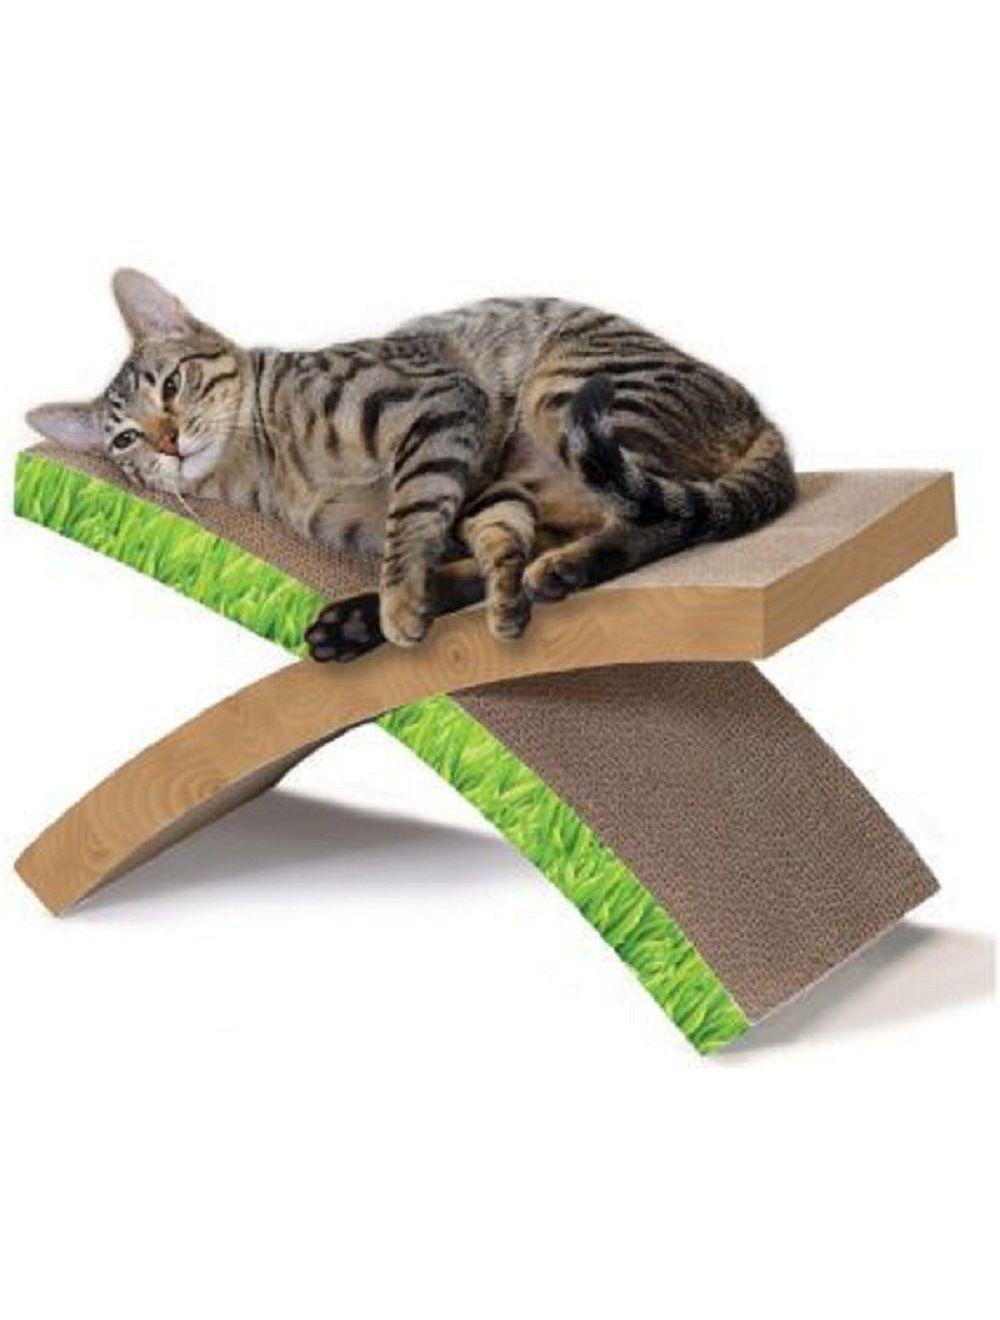 Petstages gato rascador easy life hammock-Ciudaddemascotas.com